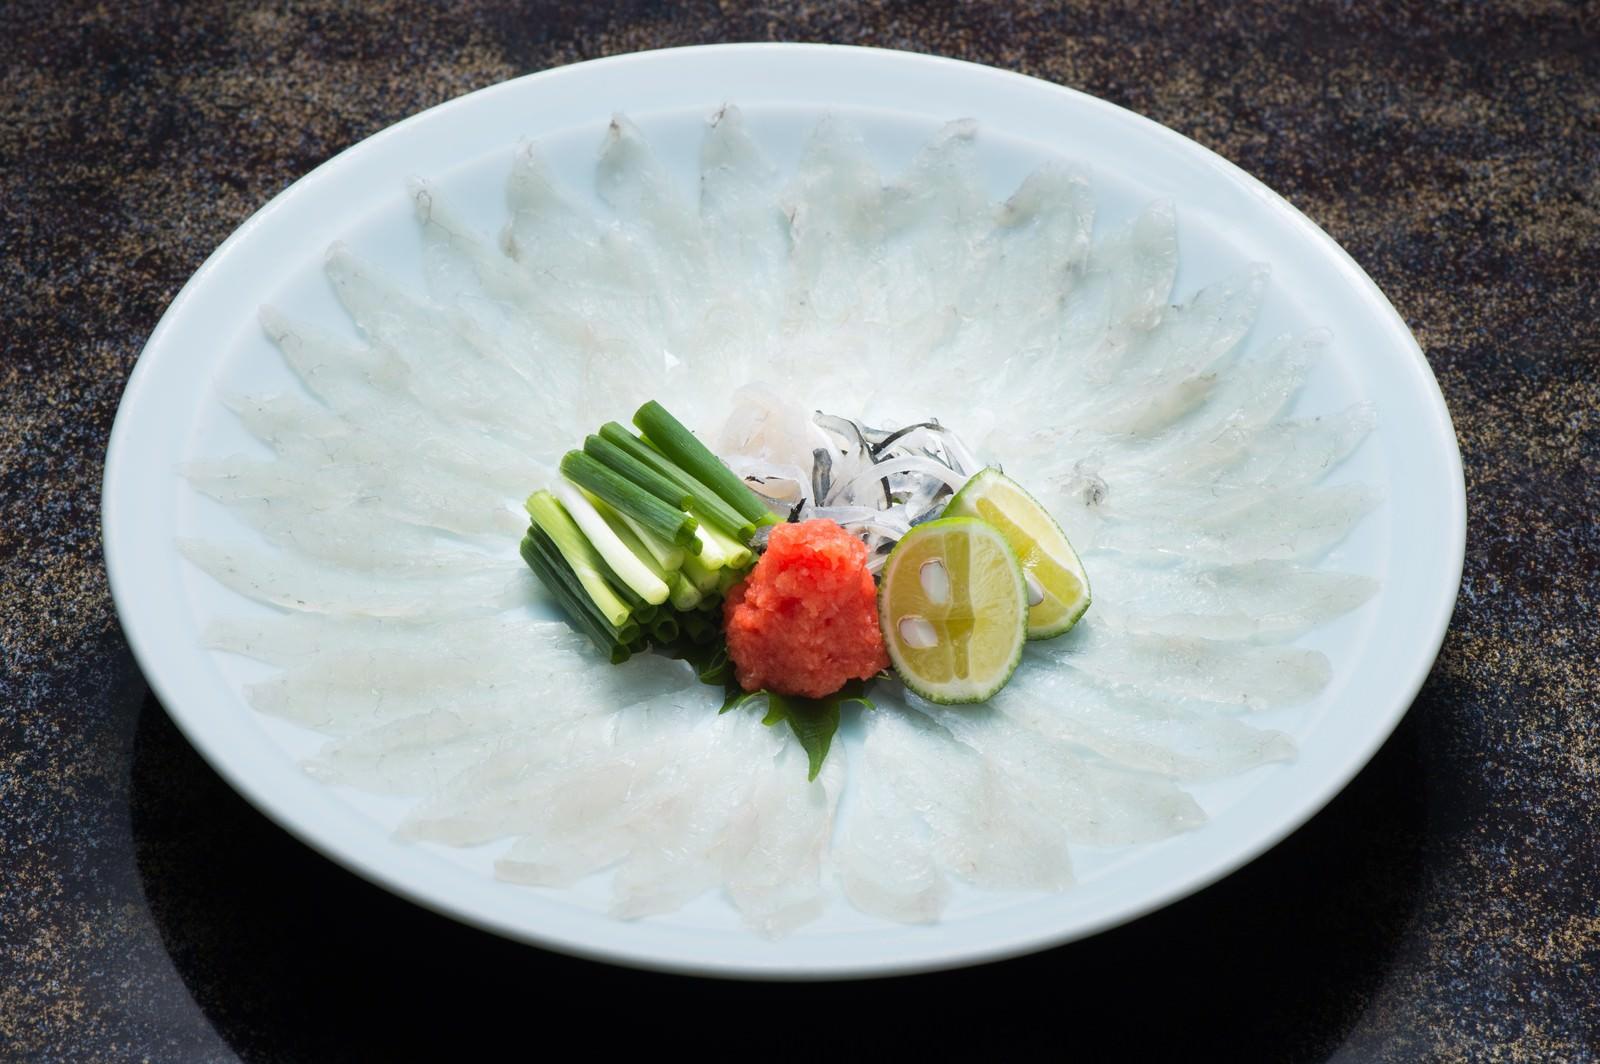 「栄太郎冬の味覚である飛騨ふぐのテッサ | 写真の無料素材・フリー素材 - ぱくたそ」の写真